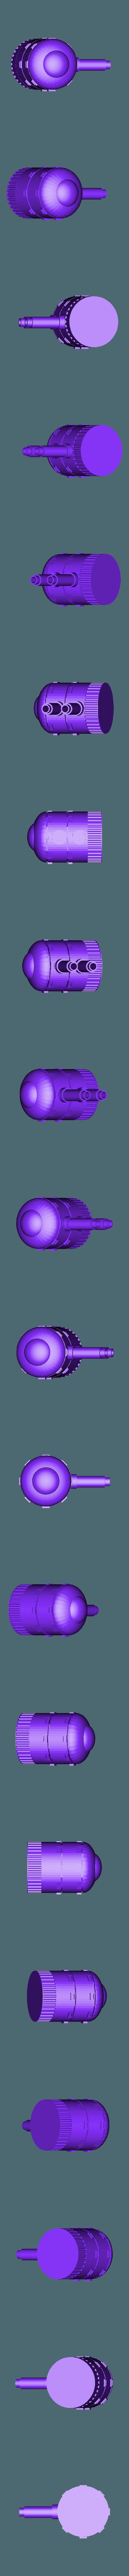 GG_Turret.stl Télécharger fichier STL gratuit Demi-châssis de forteresse de combat mobile orque / orque • Design à imprimer en 3D, redstarkits